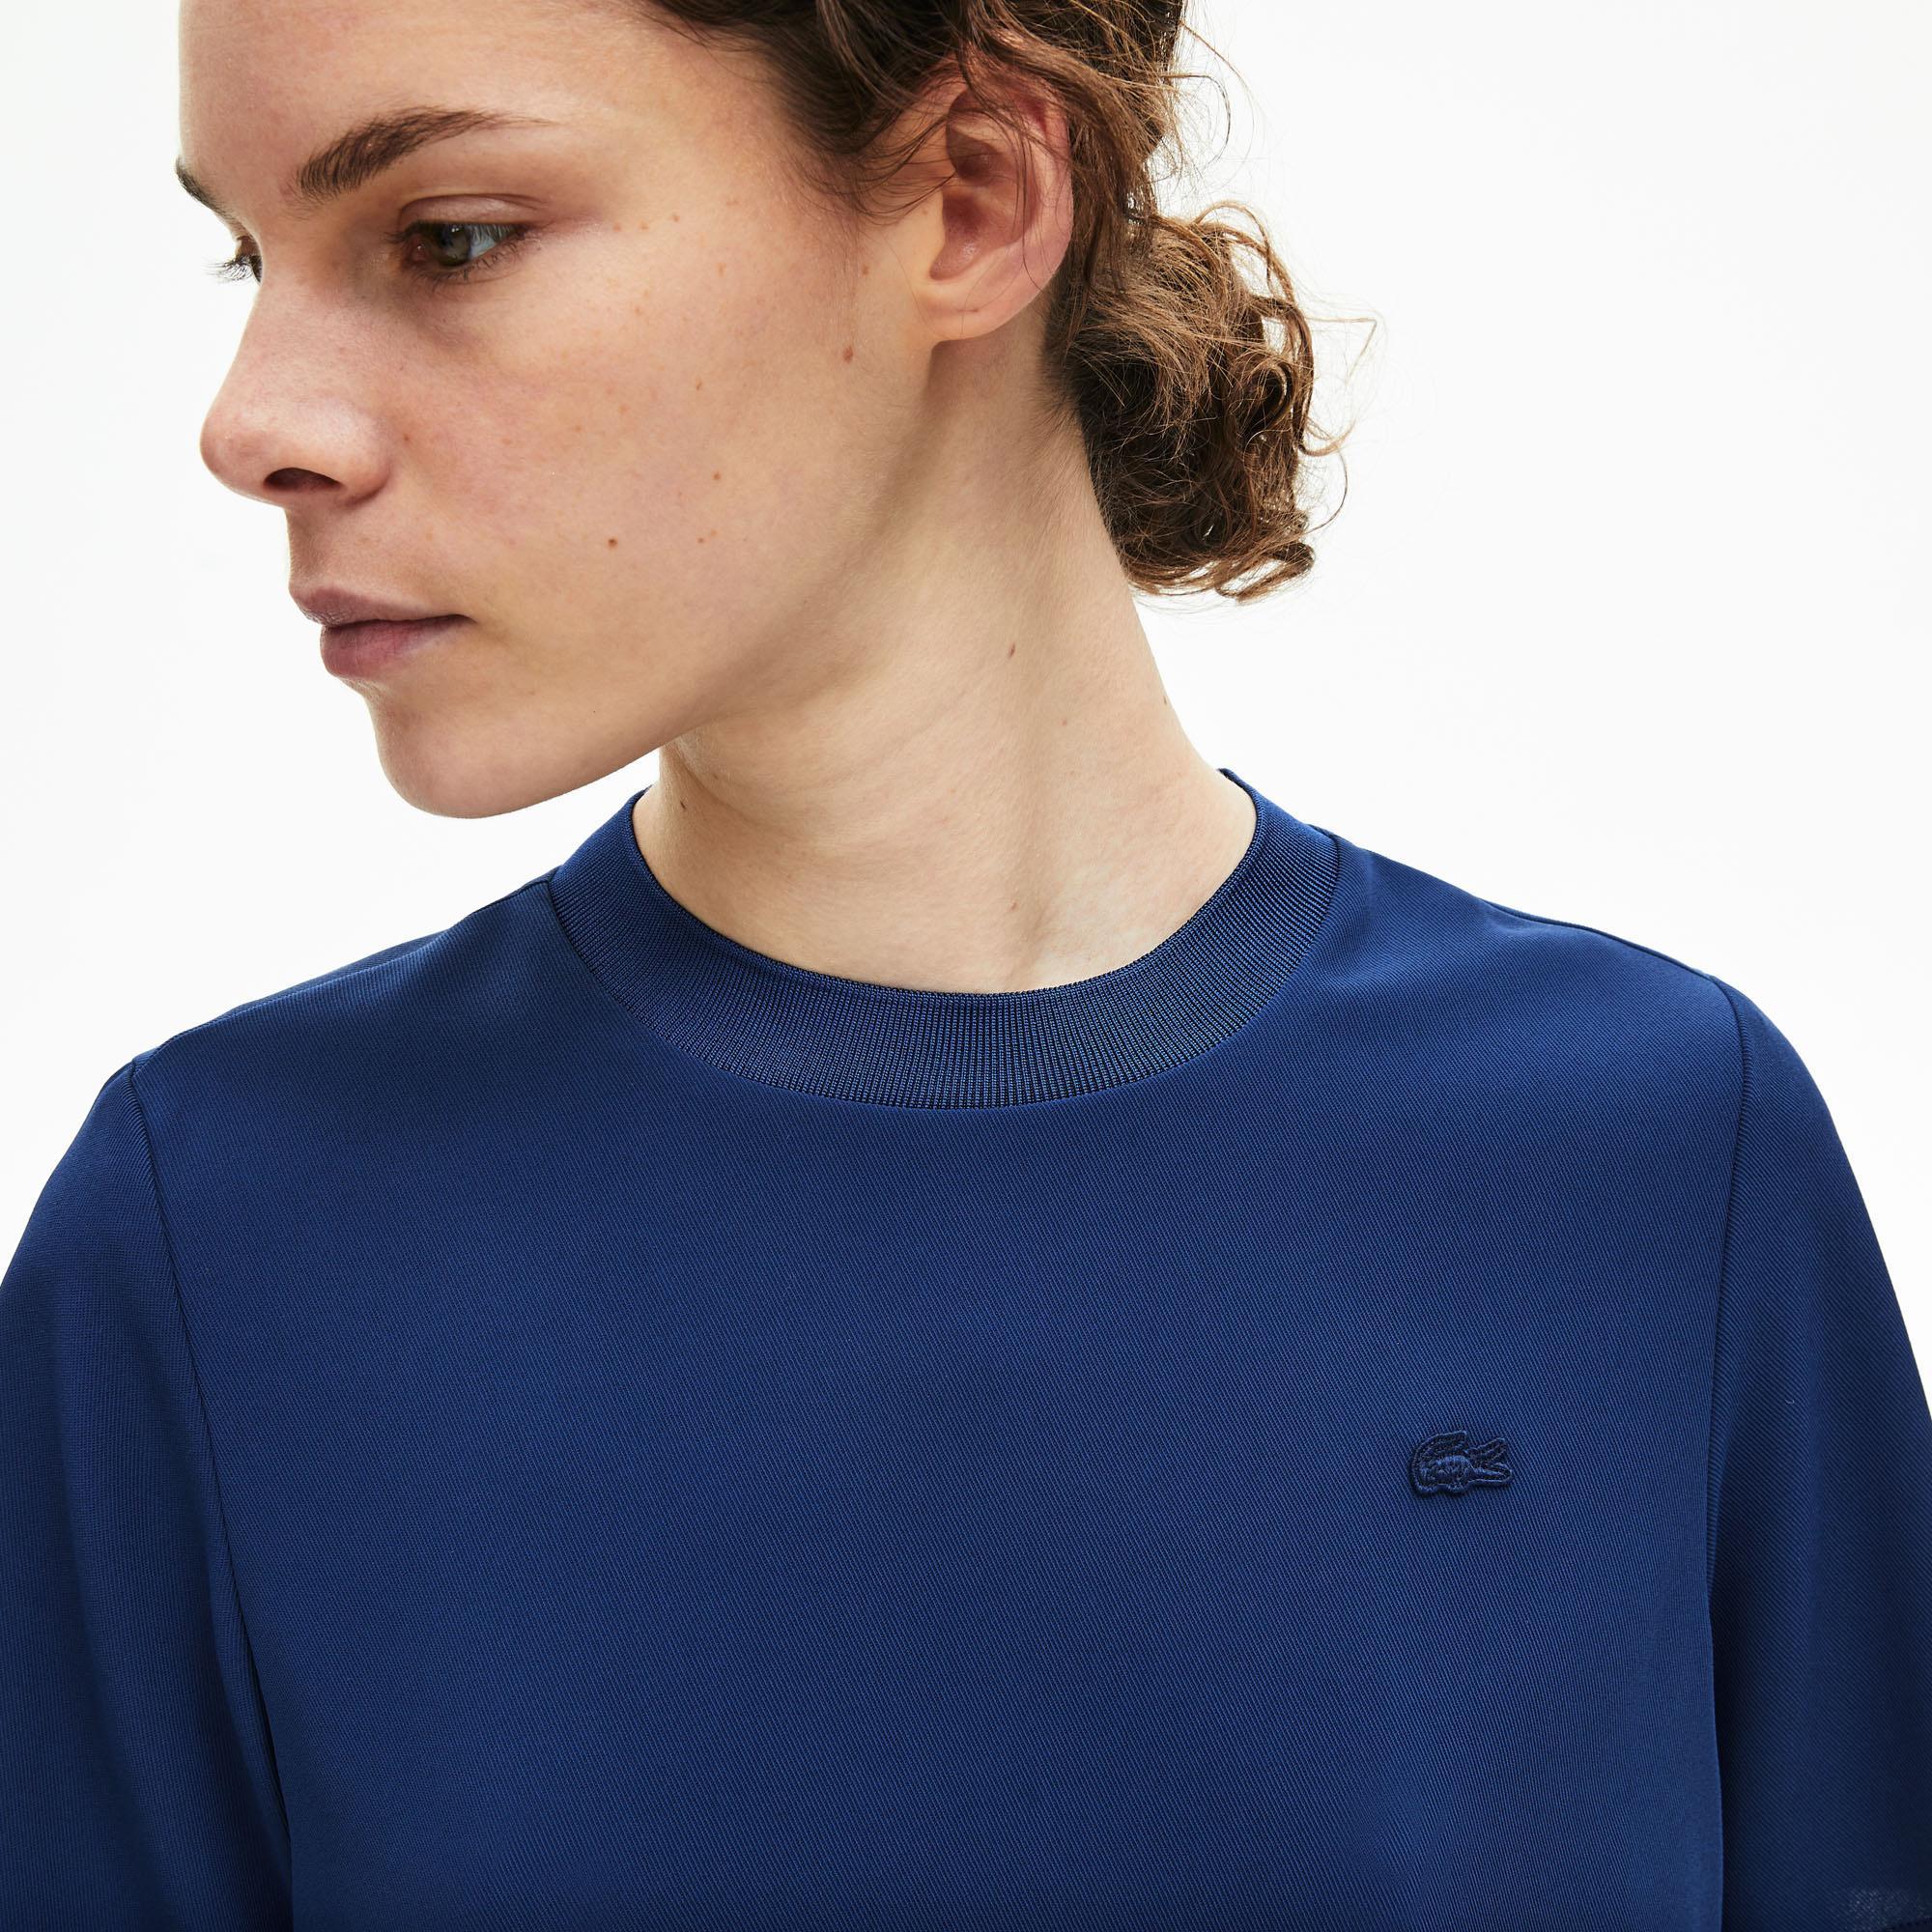 Lacoste Motion Kadın Bisiklet Yaka Kısa Kollu Saks Mavi Bluz